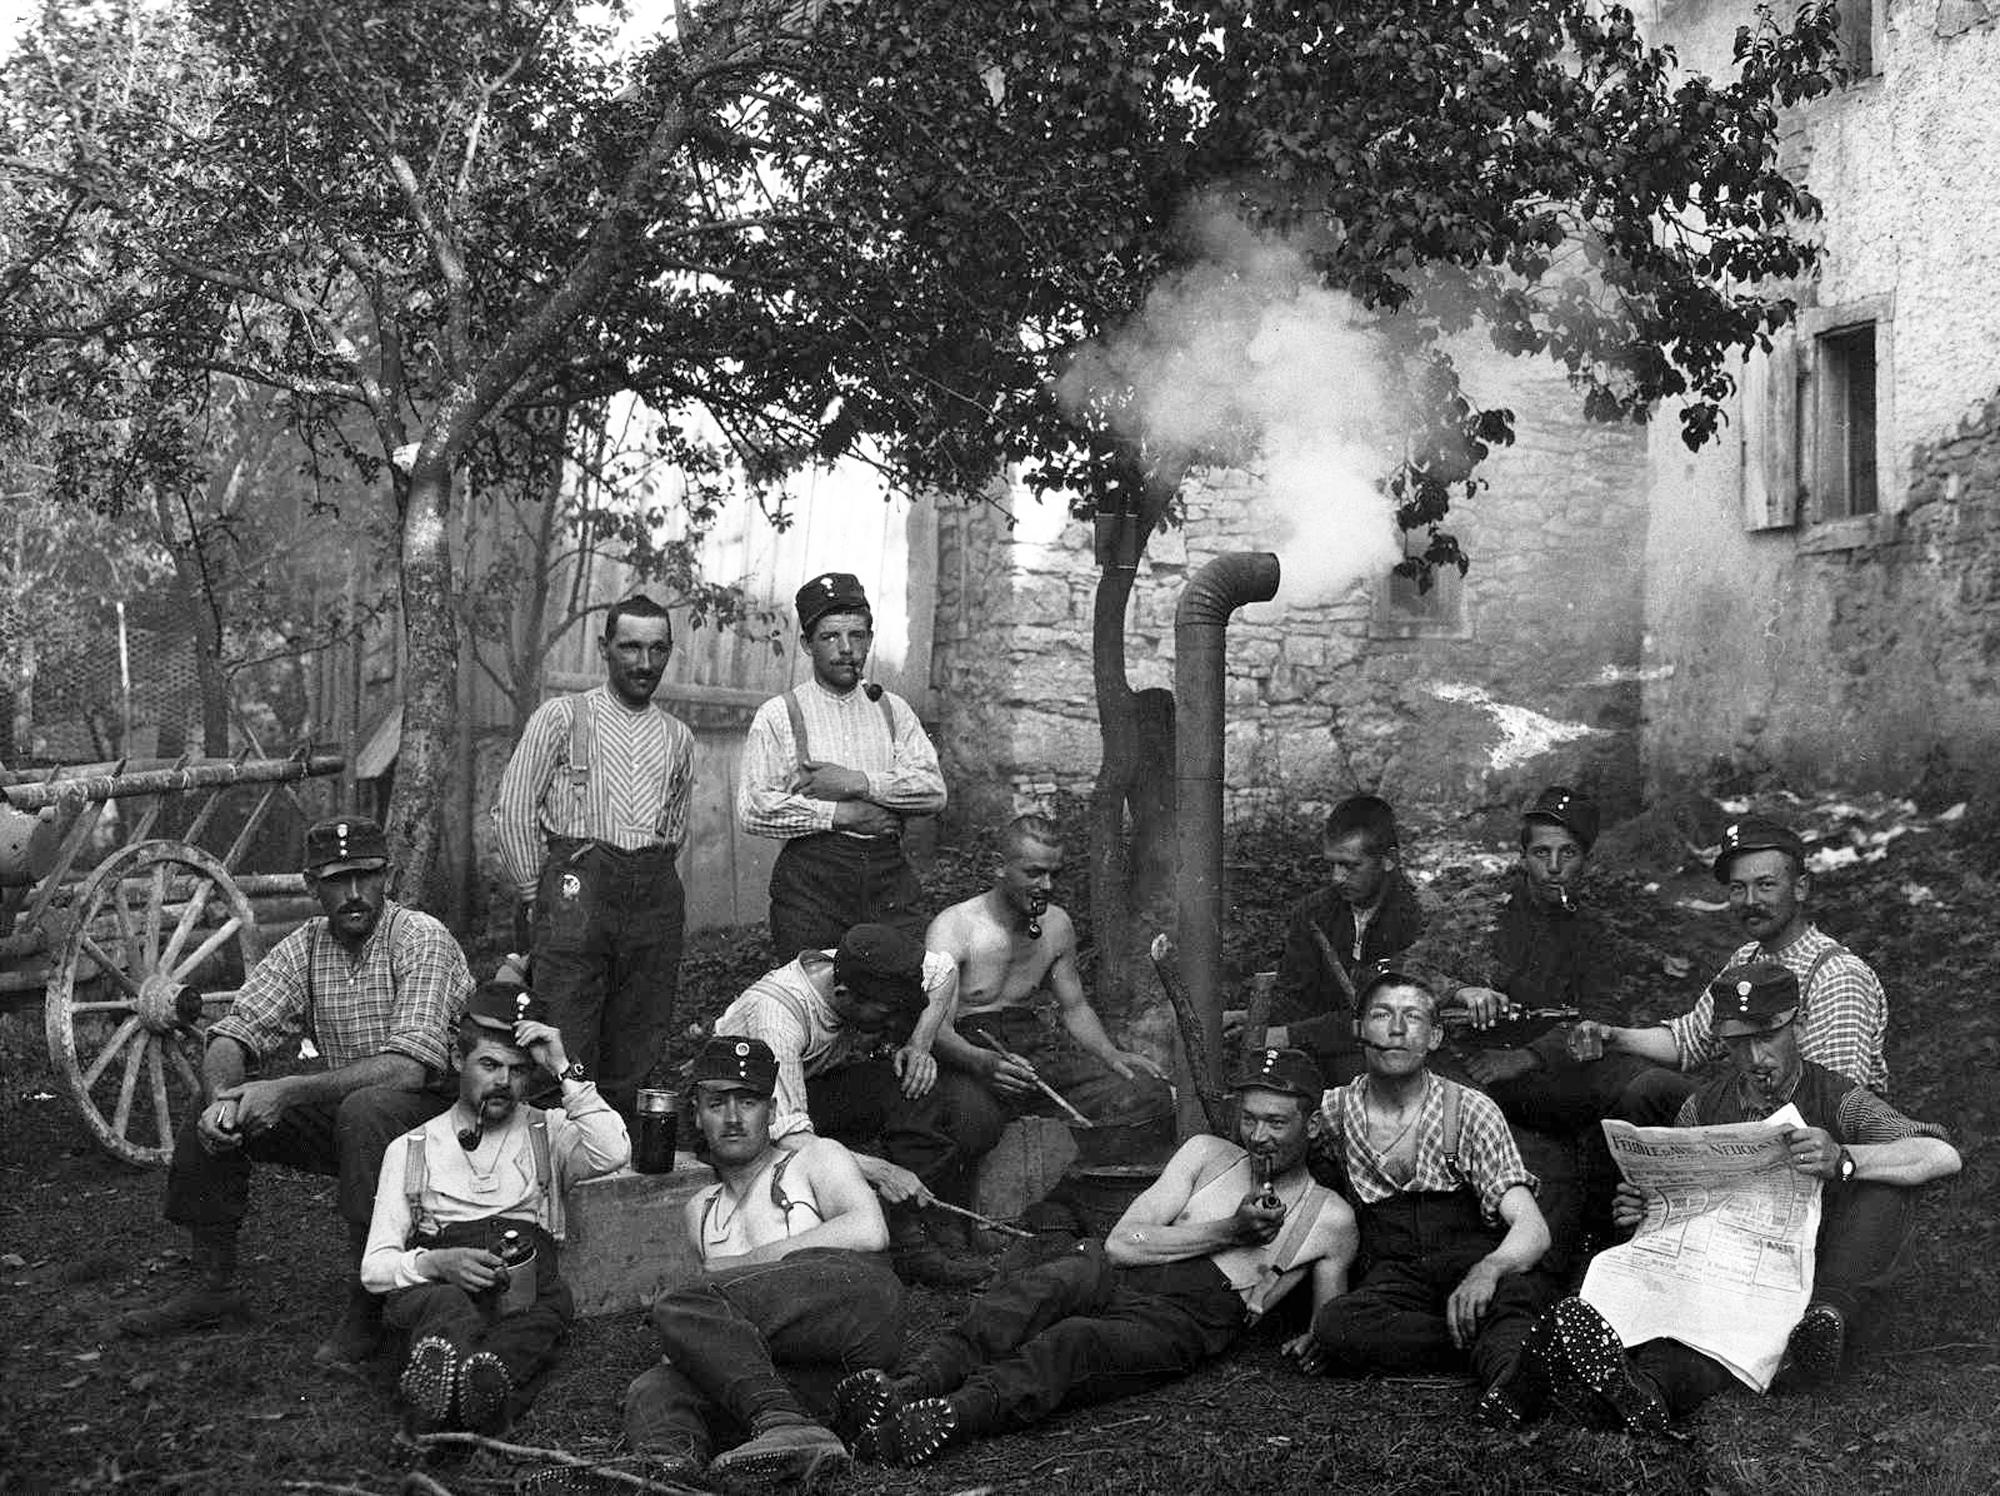 Soldats au repos à côté d'un fourneau